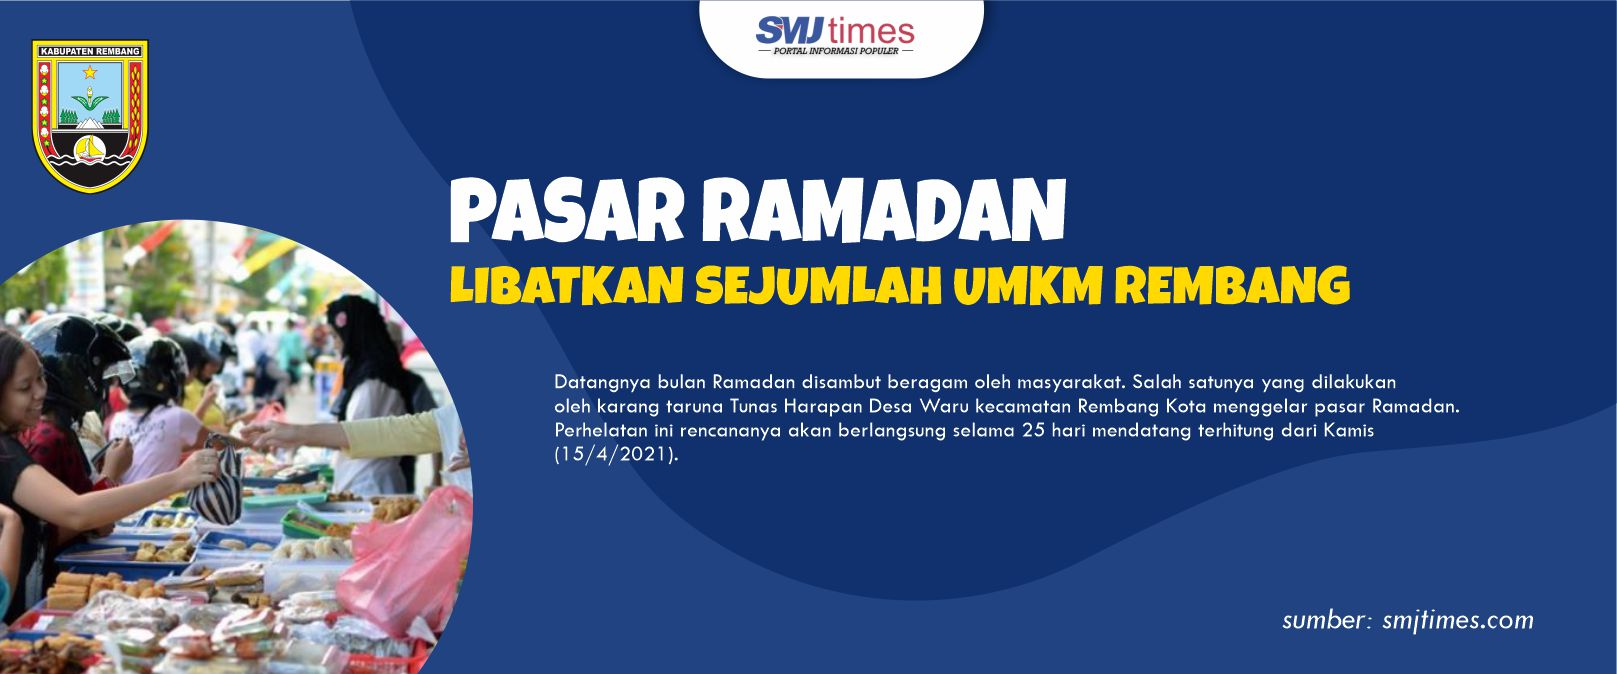 Pasar Ramadan Libatkan Sejumlah UMKM Rembang 1